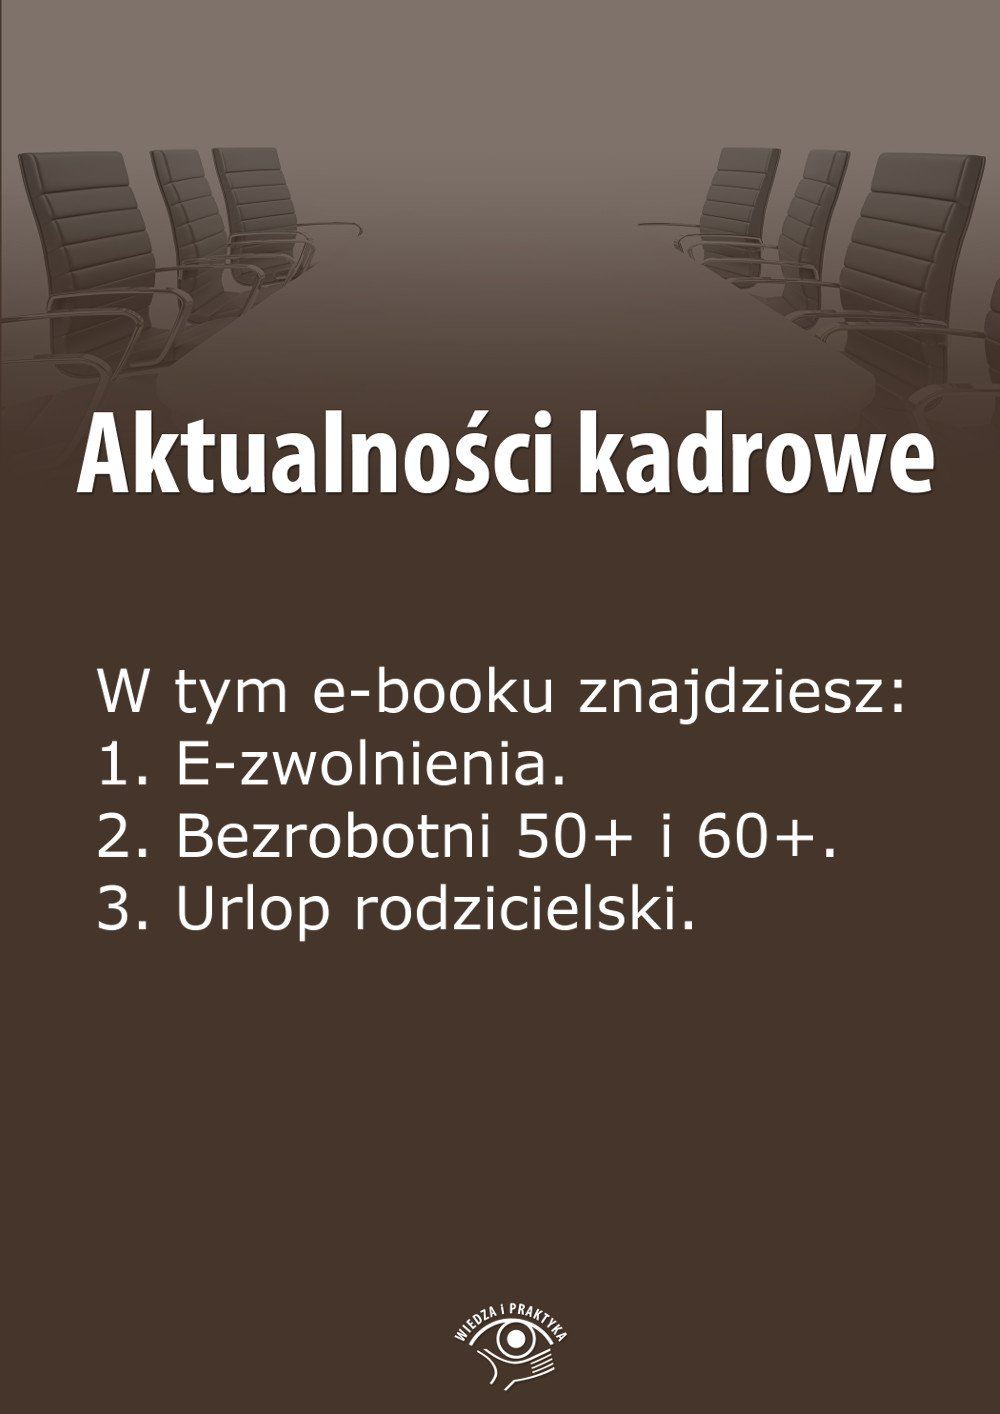 Aktualności kadrowe. Wydanie lipiec 2014 r. - Ebook (Książka EPUB) do pobrania w formacie EPUB